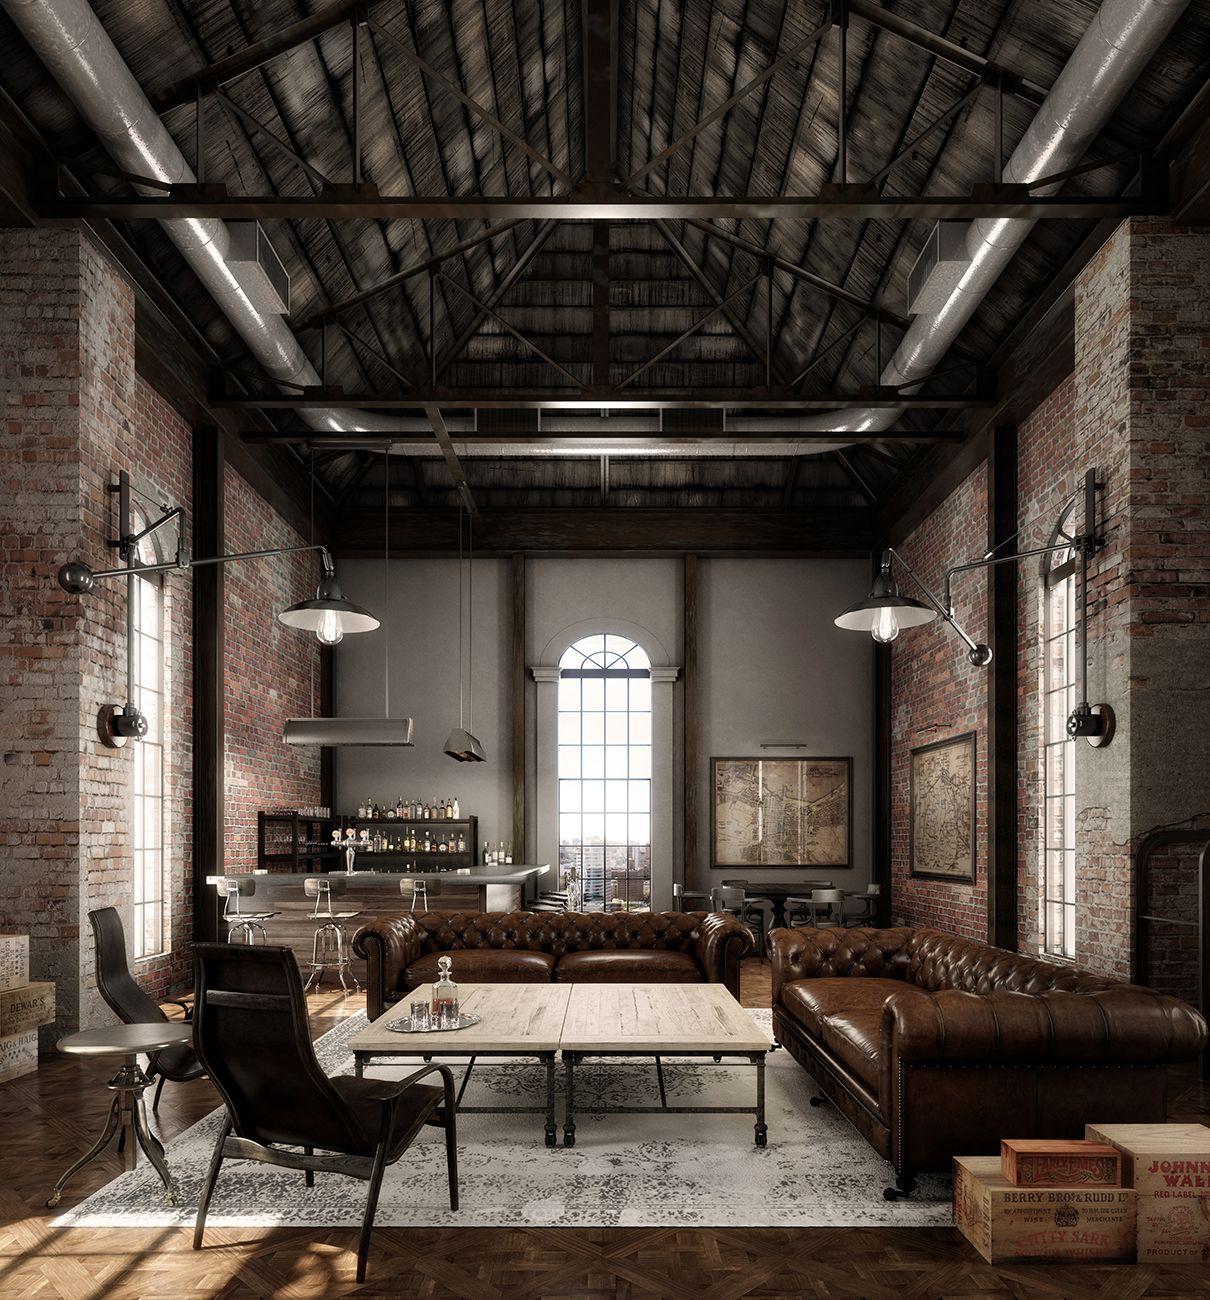 Beeindruckend Urban Industrial Referenz Von Commercial New York Building - Speak Easy